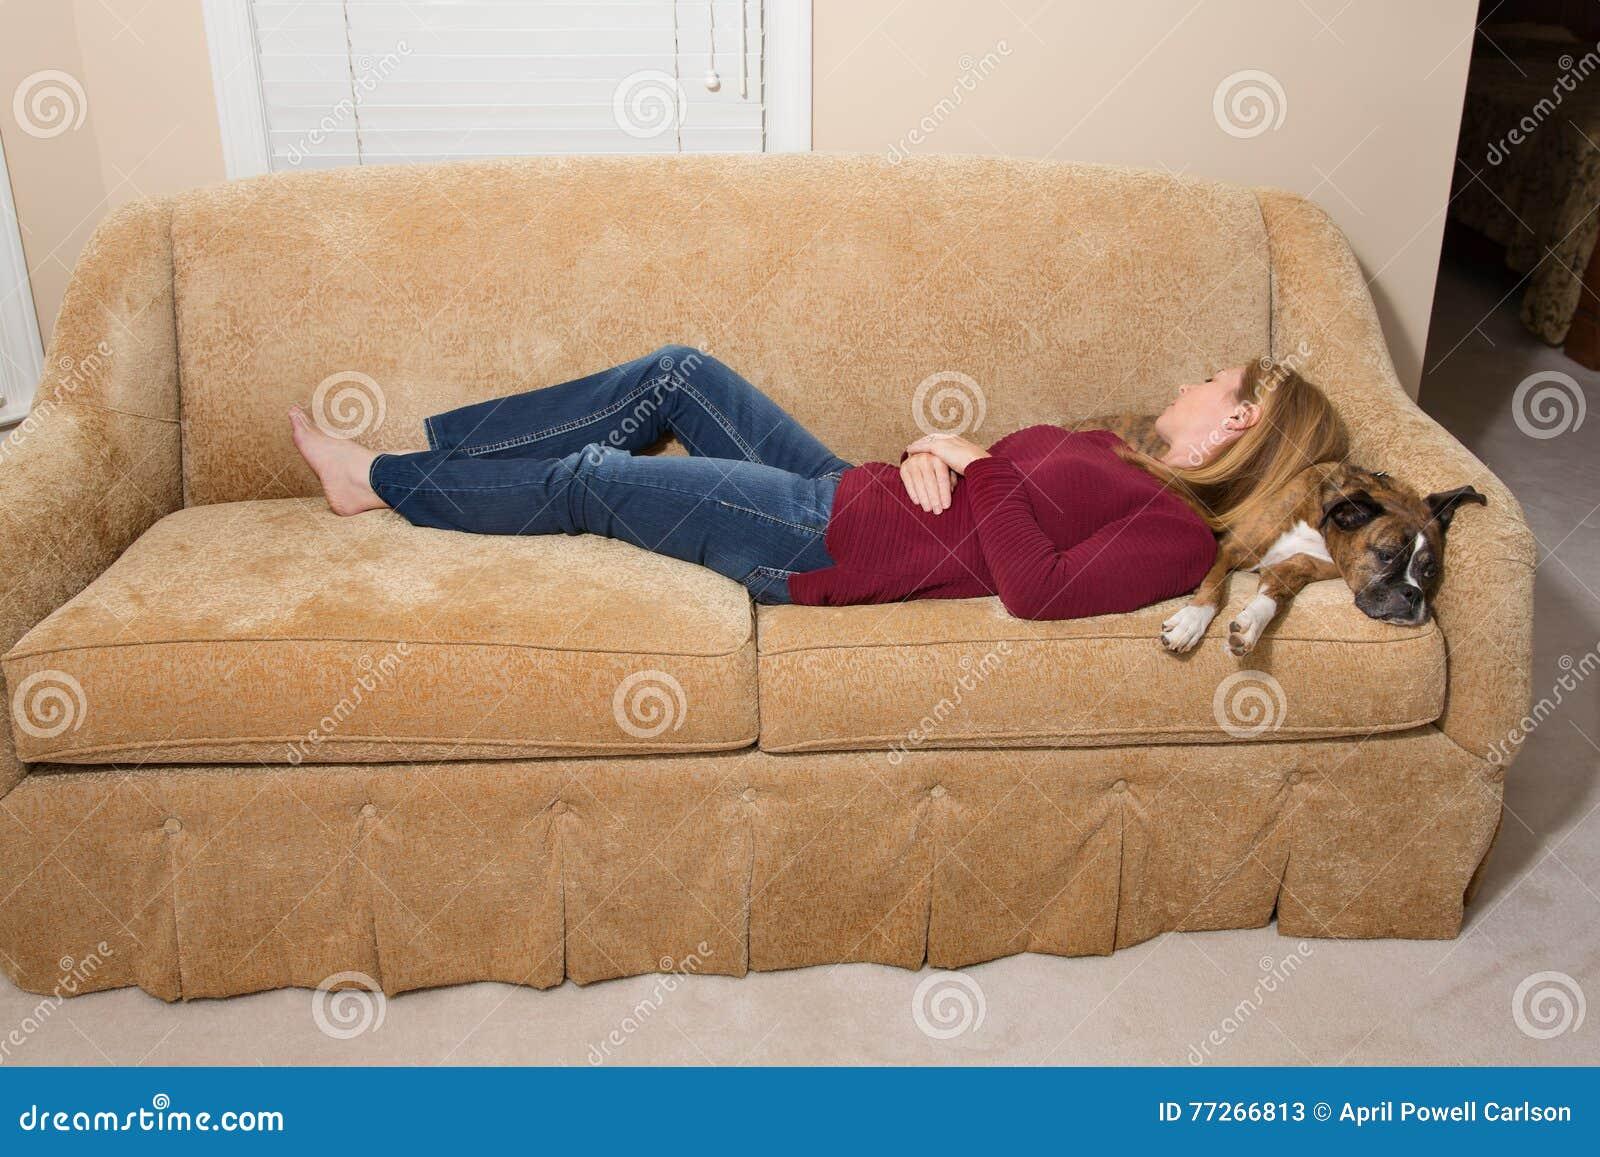 Donna e cane addormentati sullo strato - Naptime